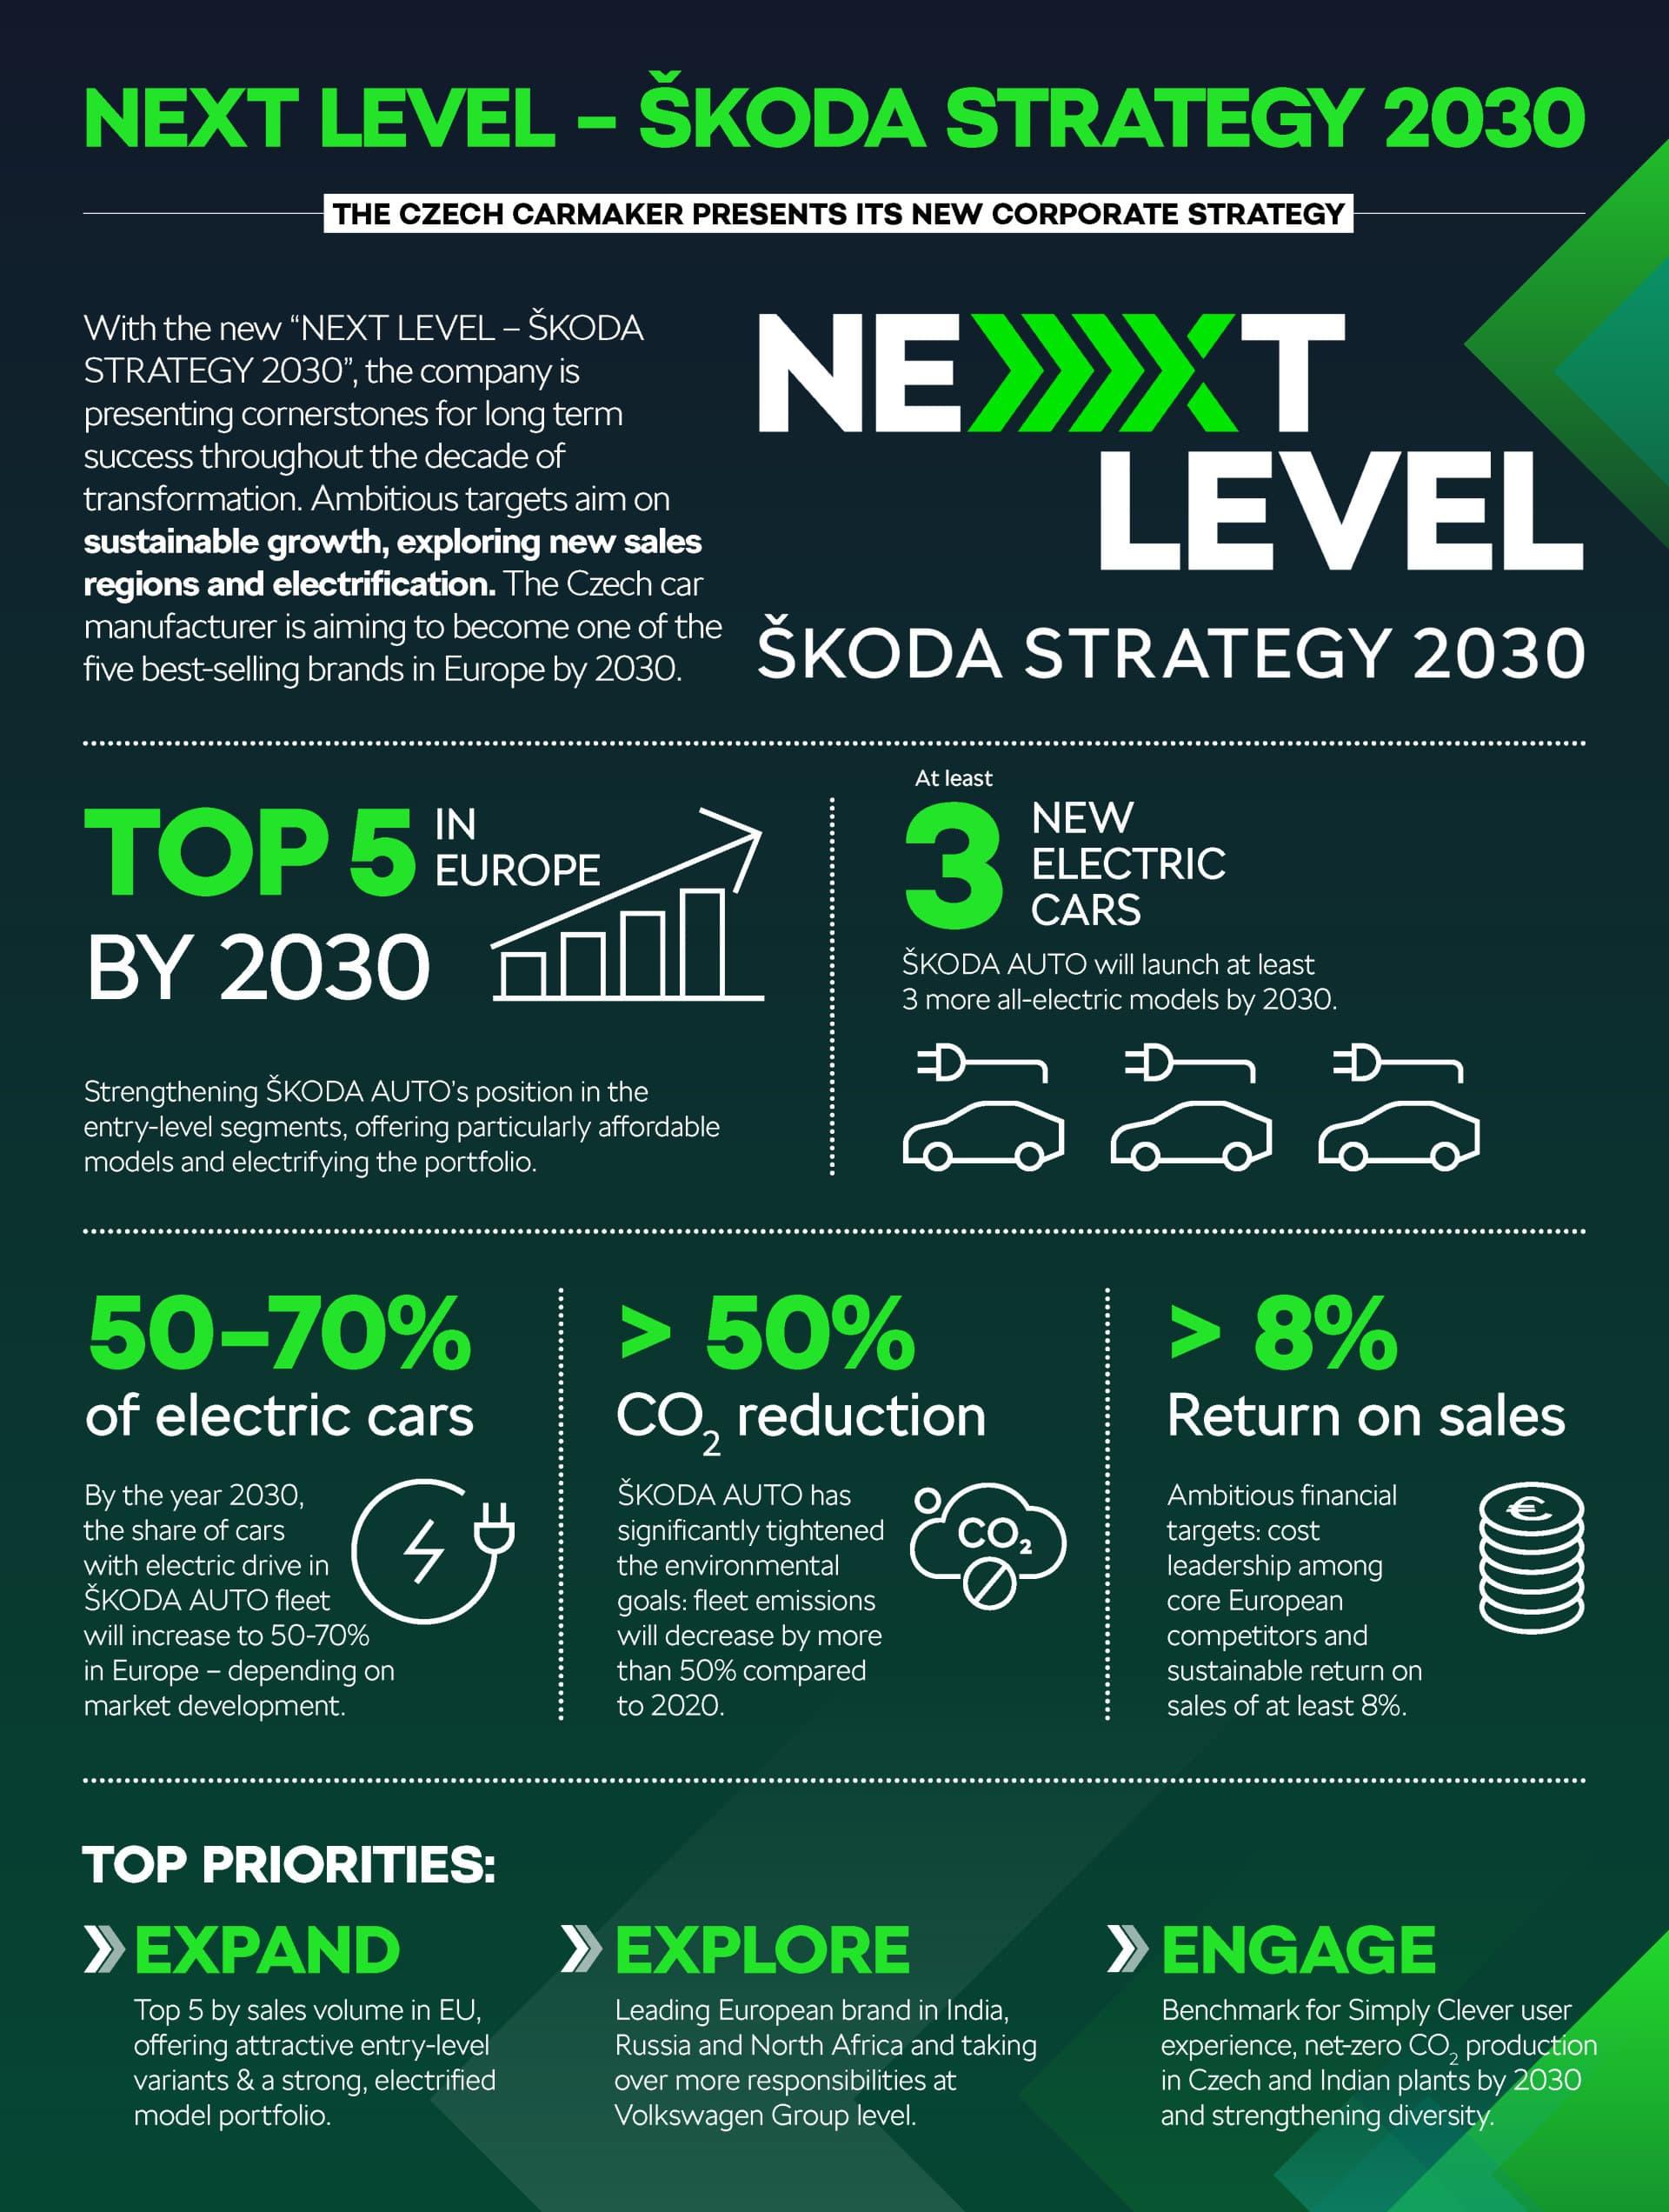 Estrategia Skoda 2030 Nuevos Electricos 04